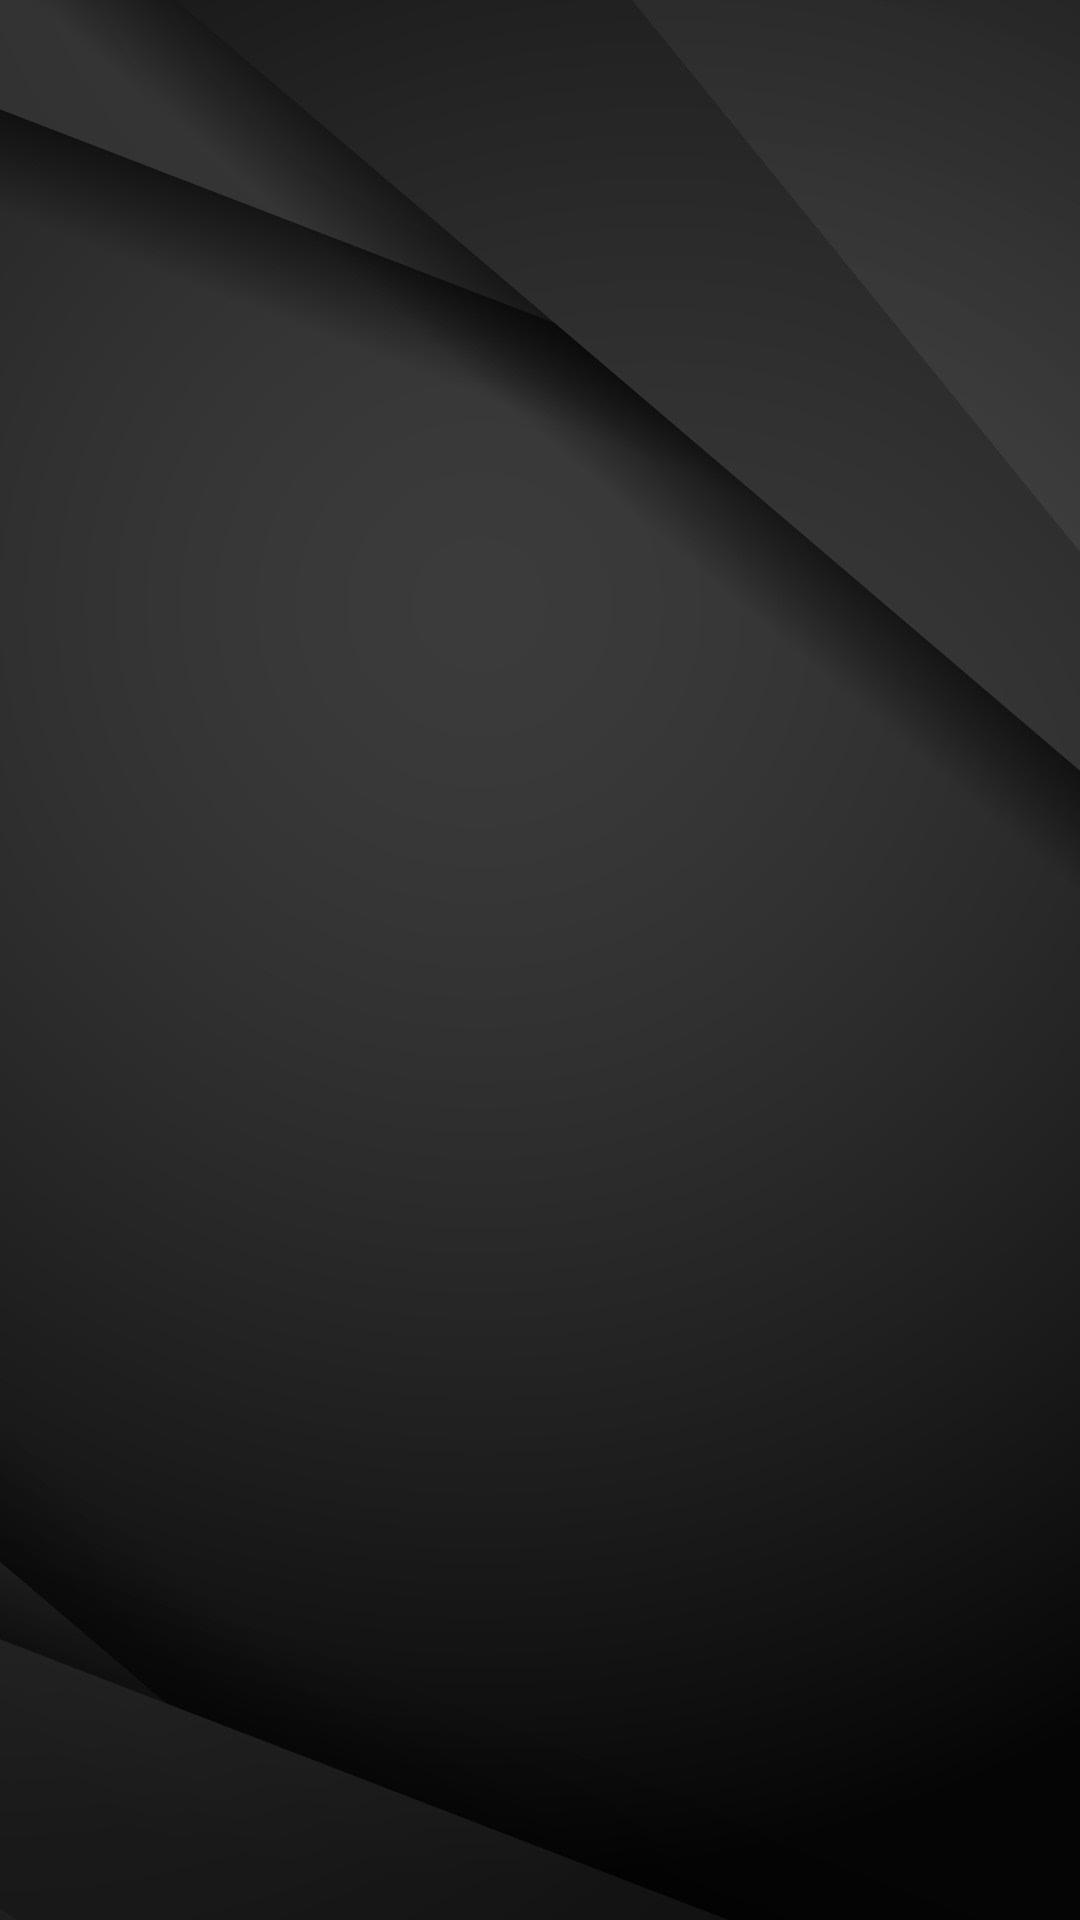 Unduh 51 Koleksi Wallpaper Black Full Hd Android Gratis Terbaru